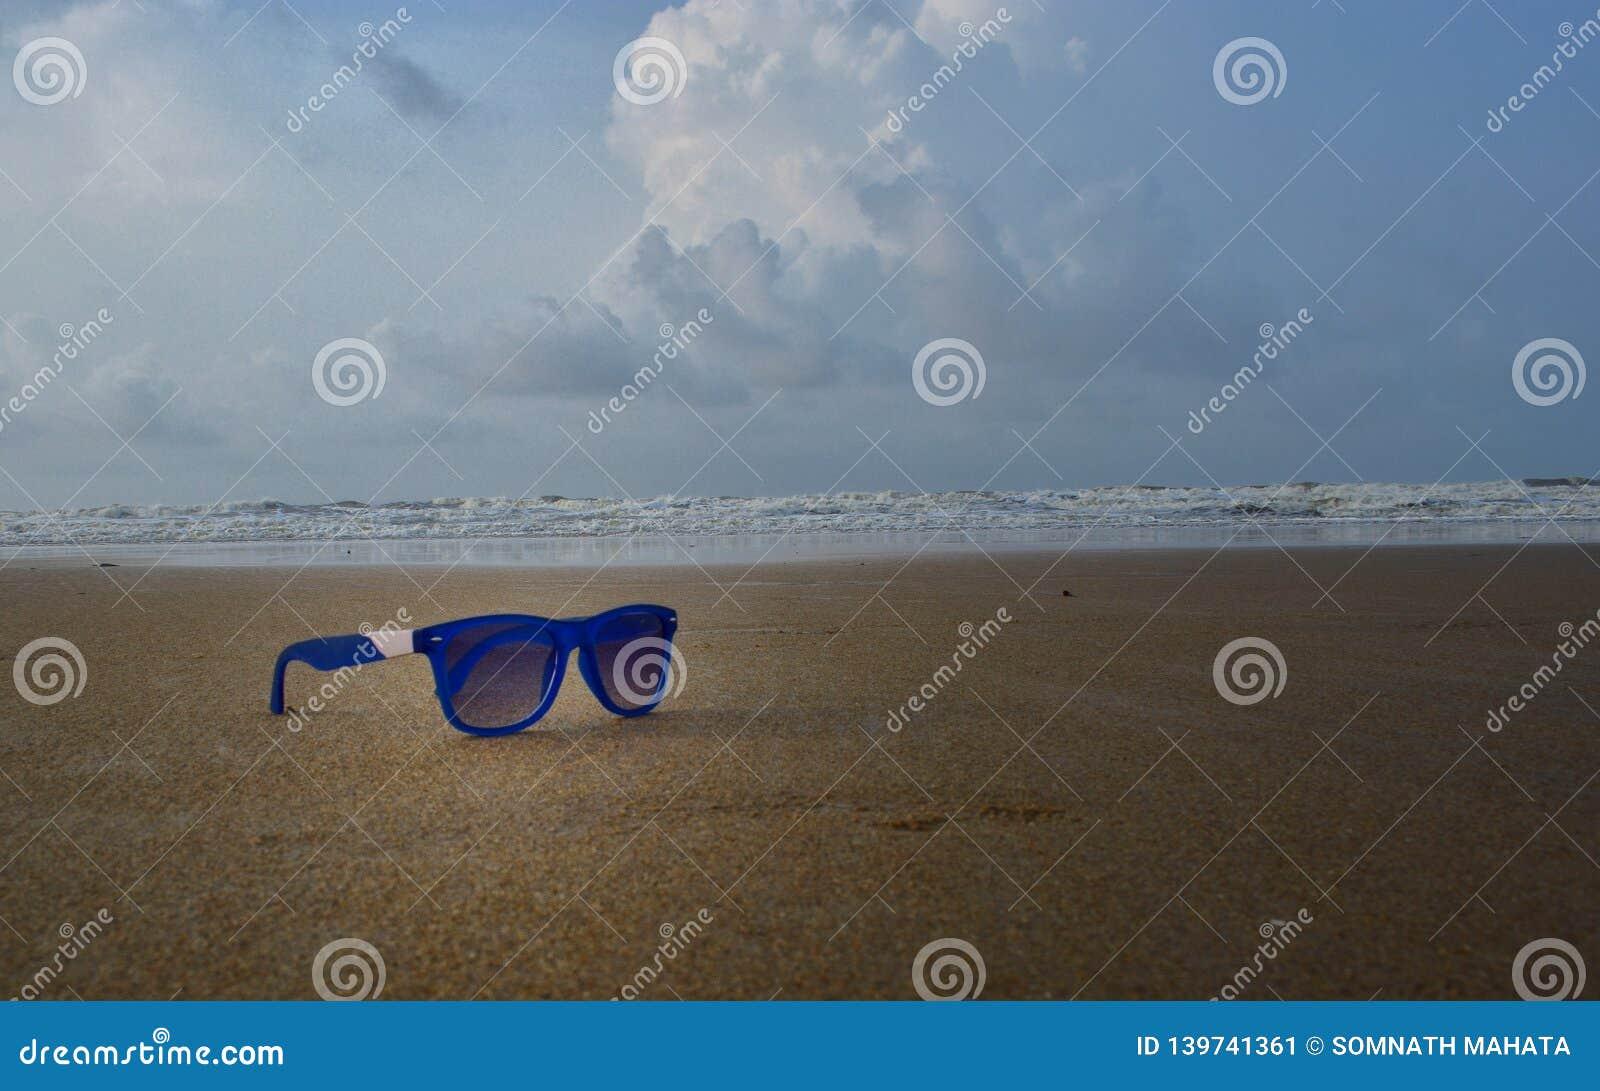 An sun-glass on sea beach